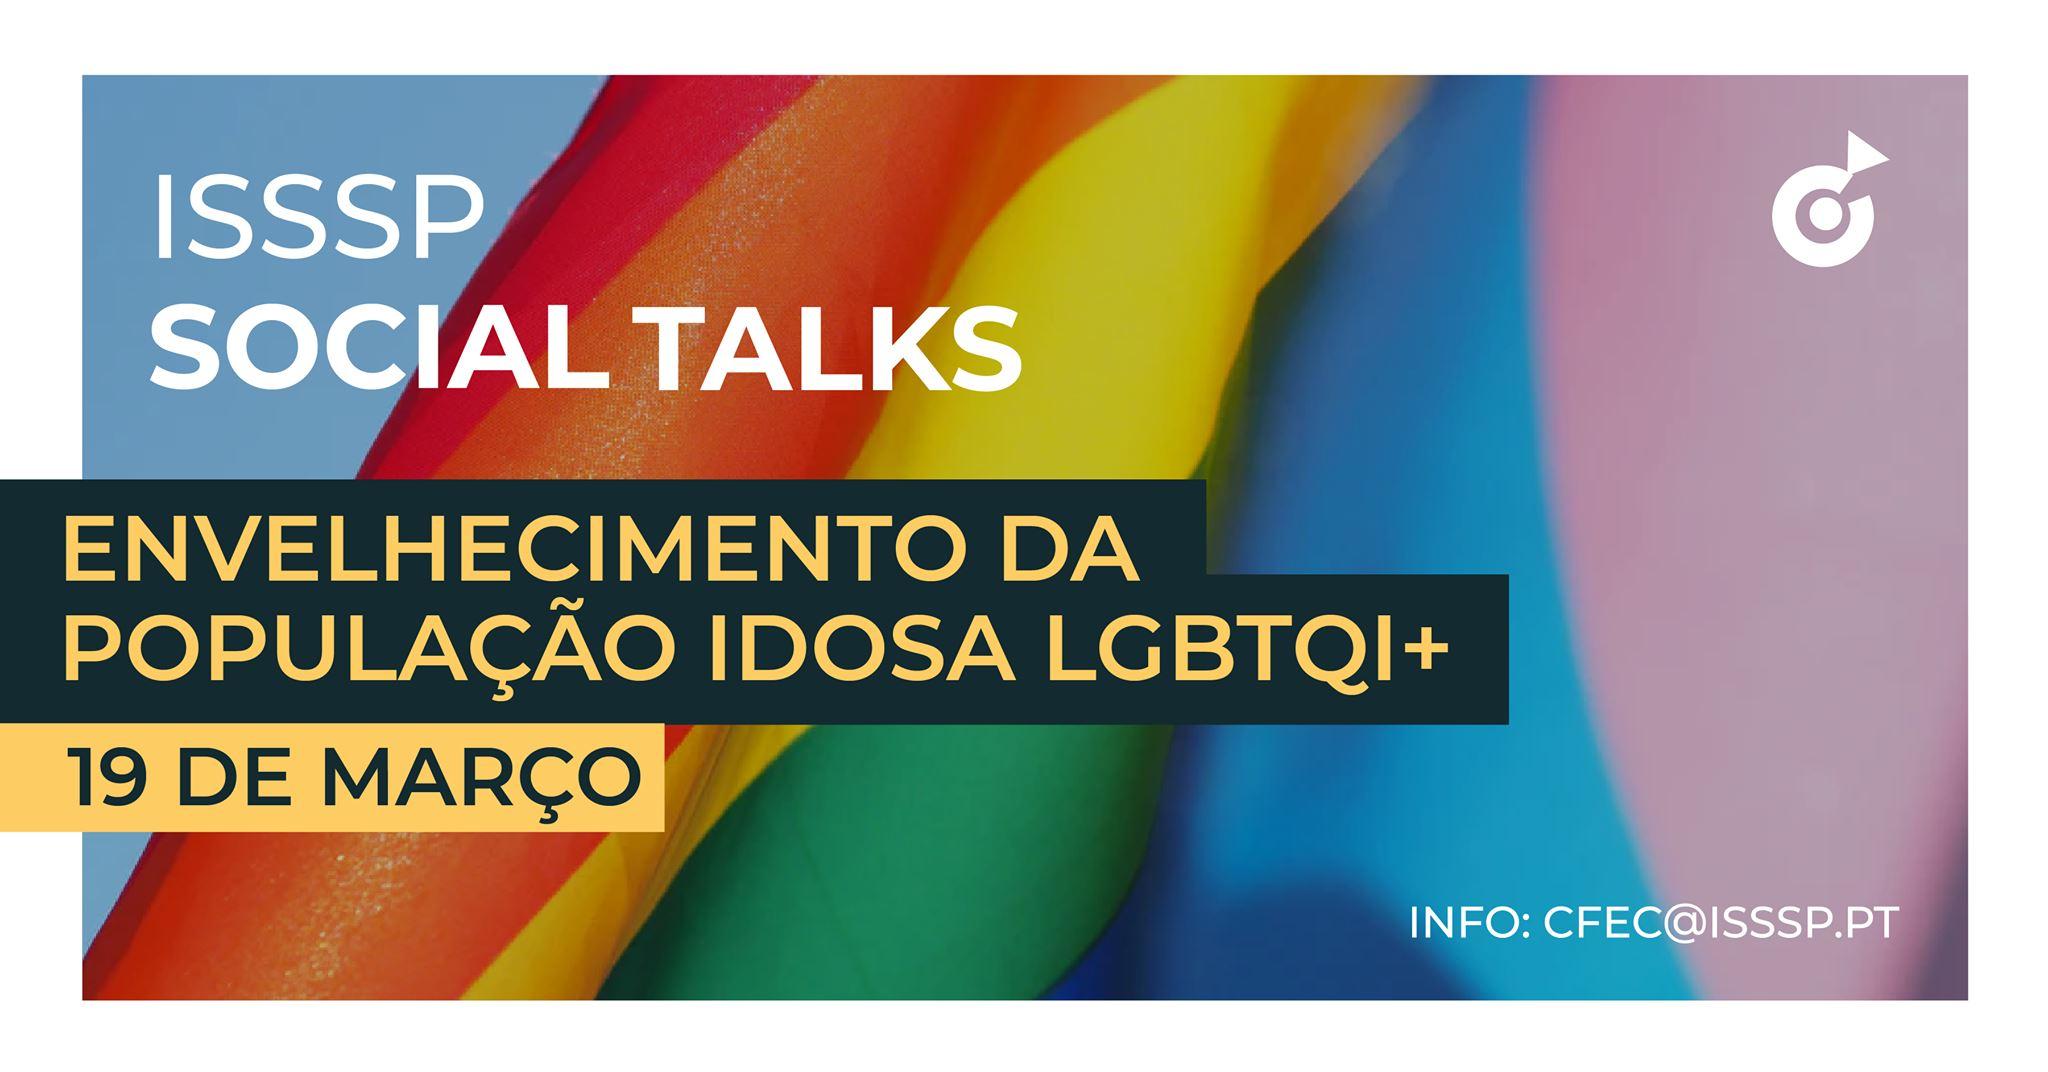 ISSSP SOCIAL TALKS | Envelhecimento da População Idosa LGBTQI+